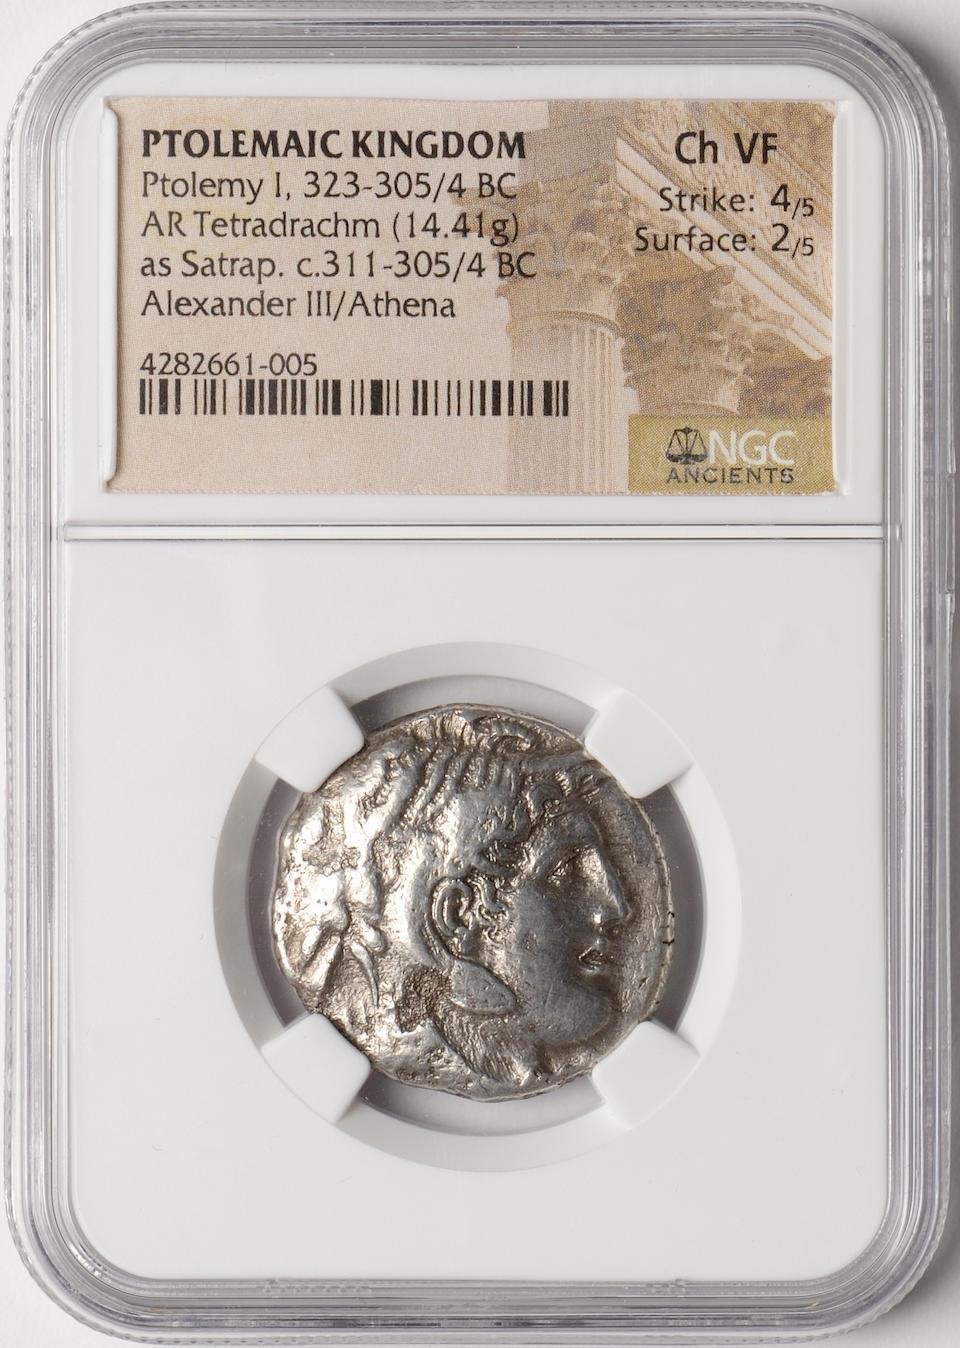 Ptolemaic Egypt, Ptolemy I, 323-305/4 BC AR Tetradrachm NGC Ch VF